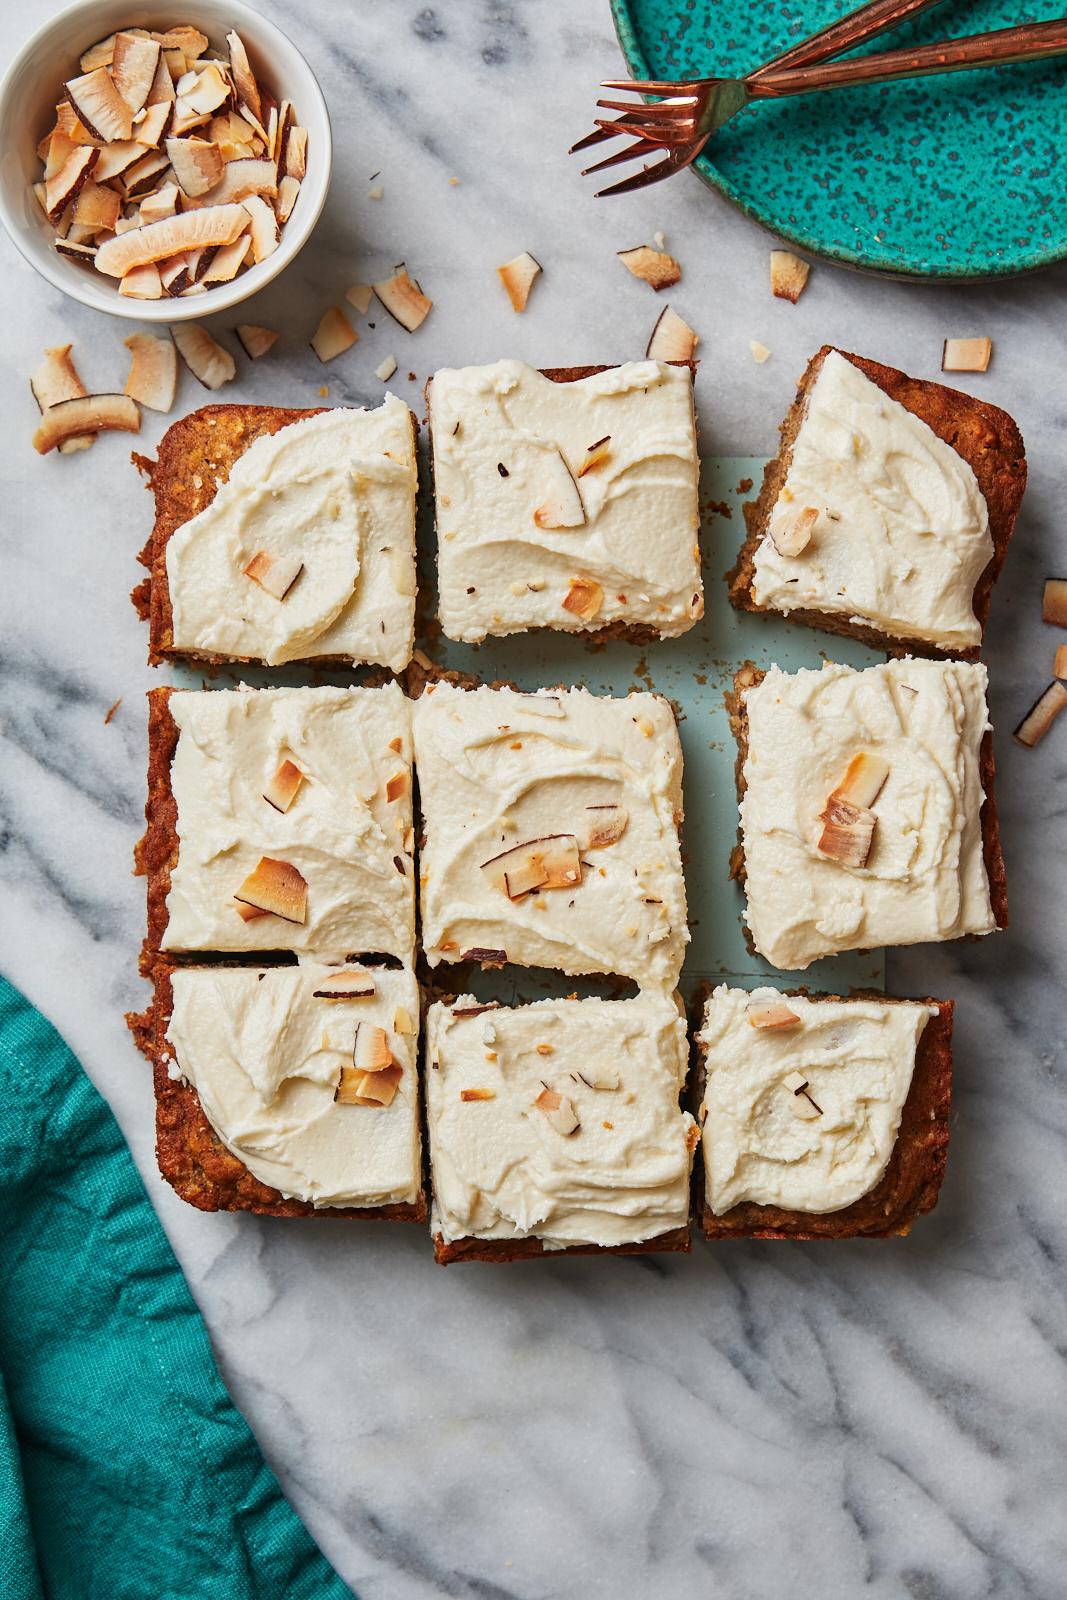 Vegan Hummingbird Cake with pieces cut